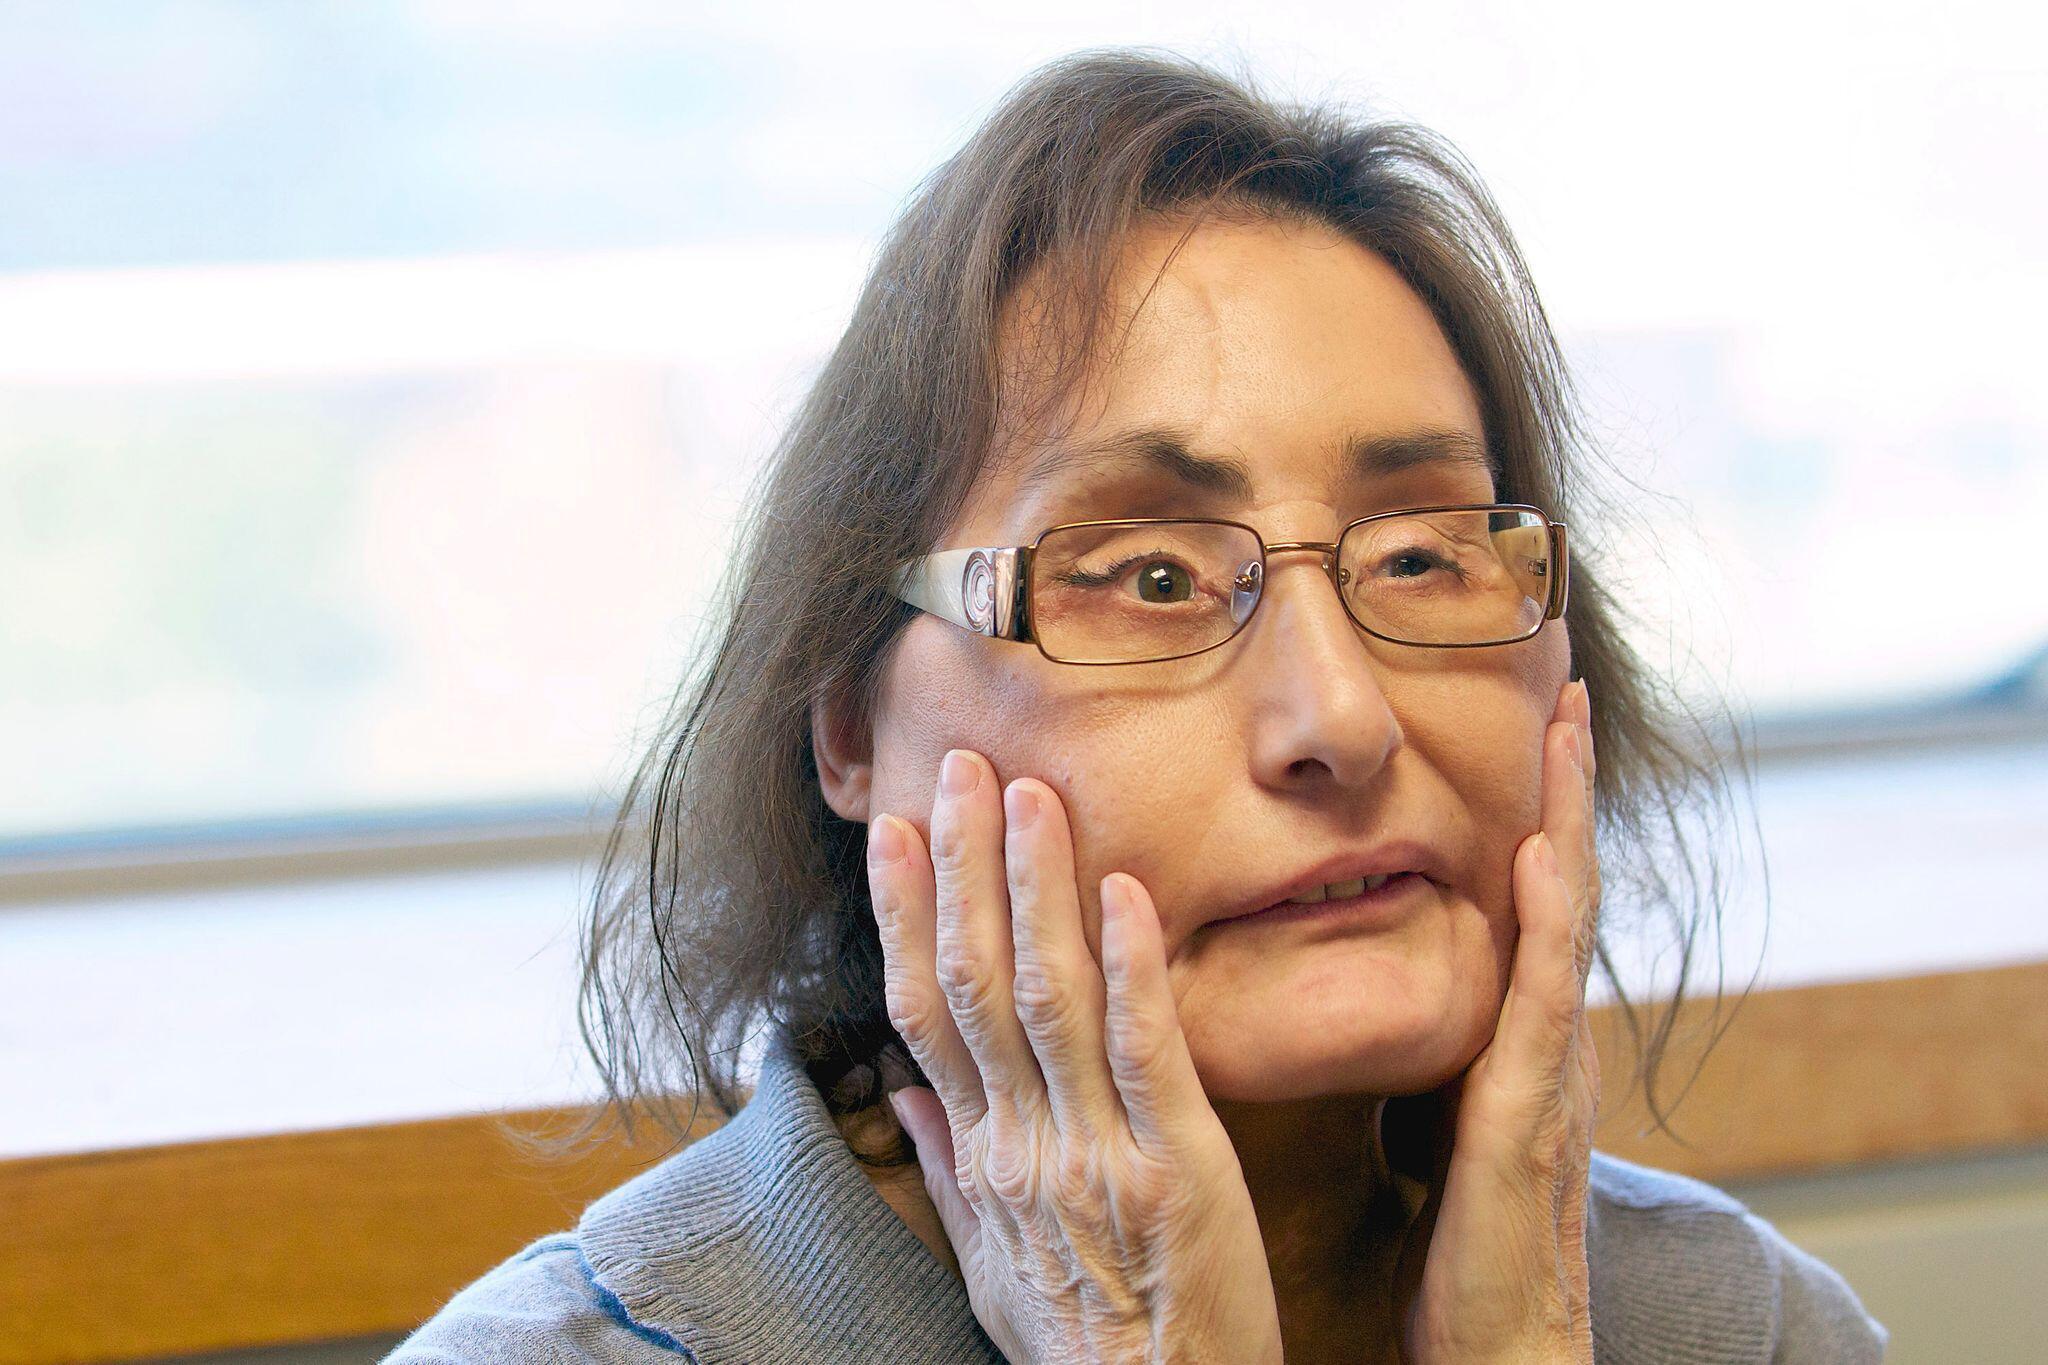 Bild zu Frau mit erster US-Gesichtstransplantation gestorben